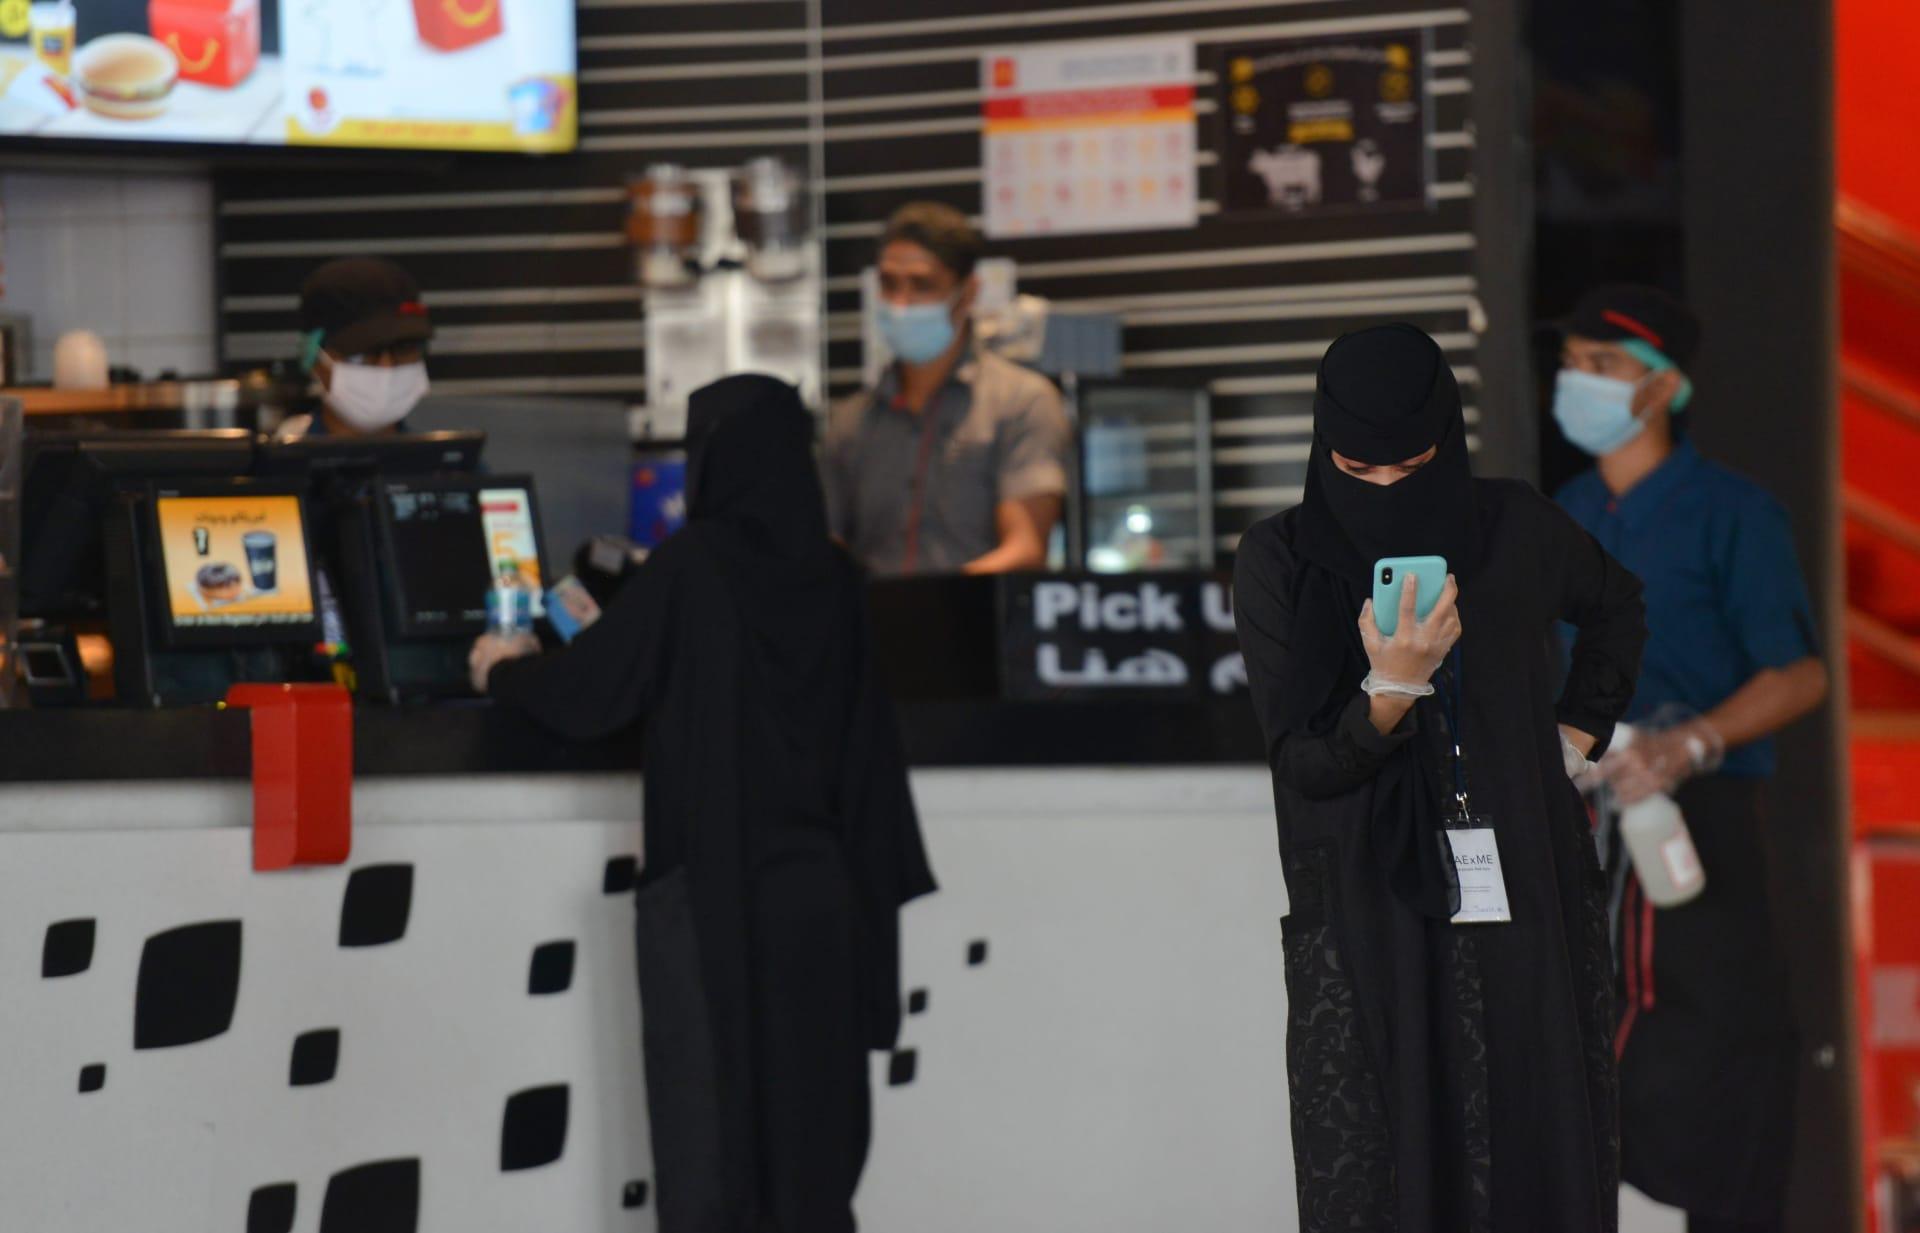 السعودية تلزم جميع المطاعم والمقاهي بتوفير وسائل الدفع الإلكترونية